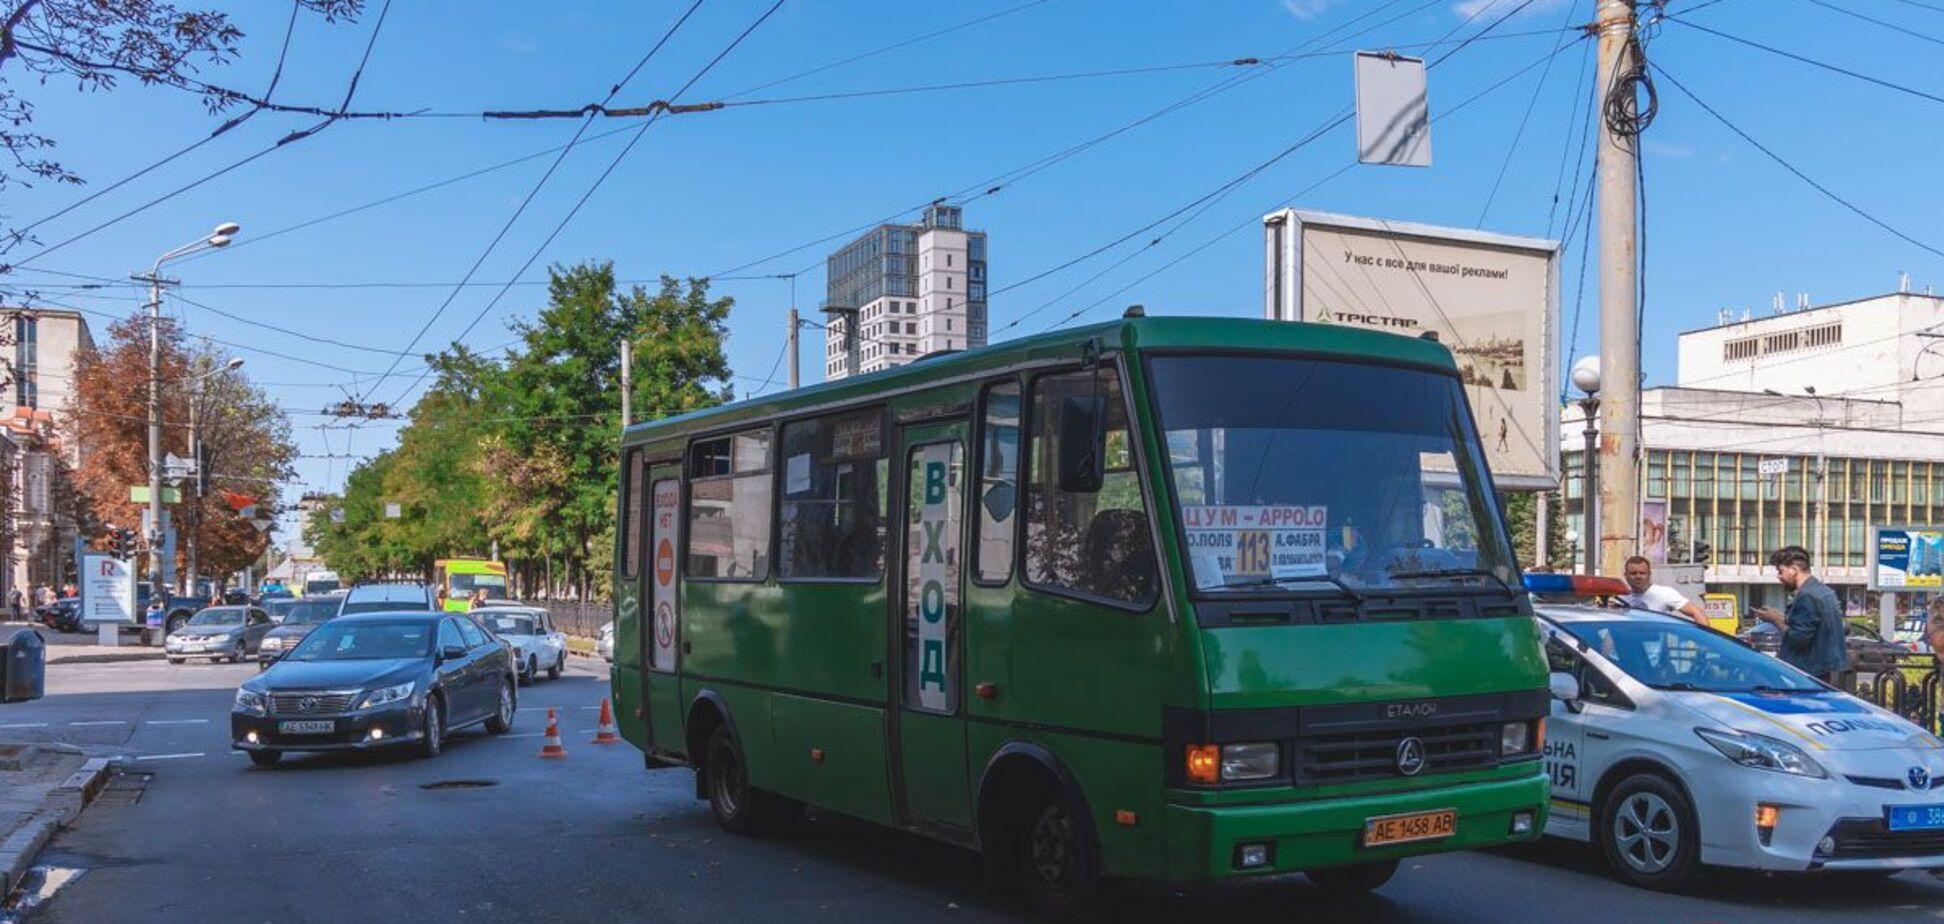 В центре Днепра автобус насмерть переехал женщину. Фото и видео 18+